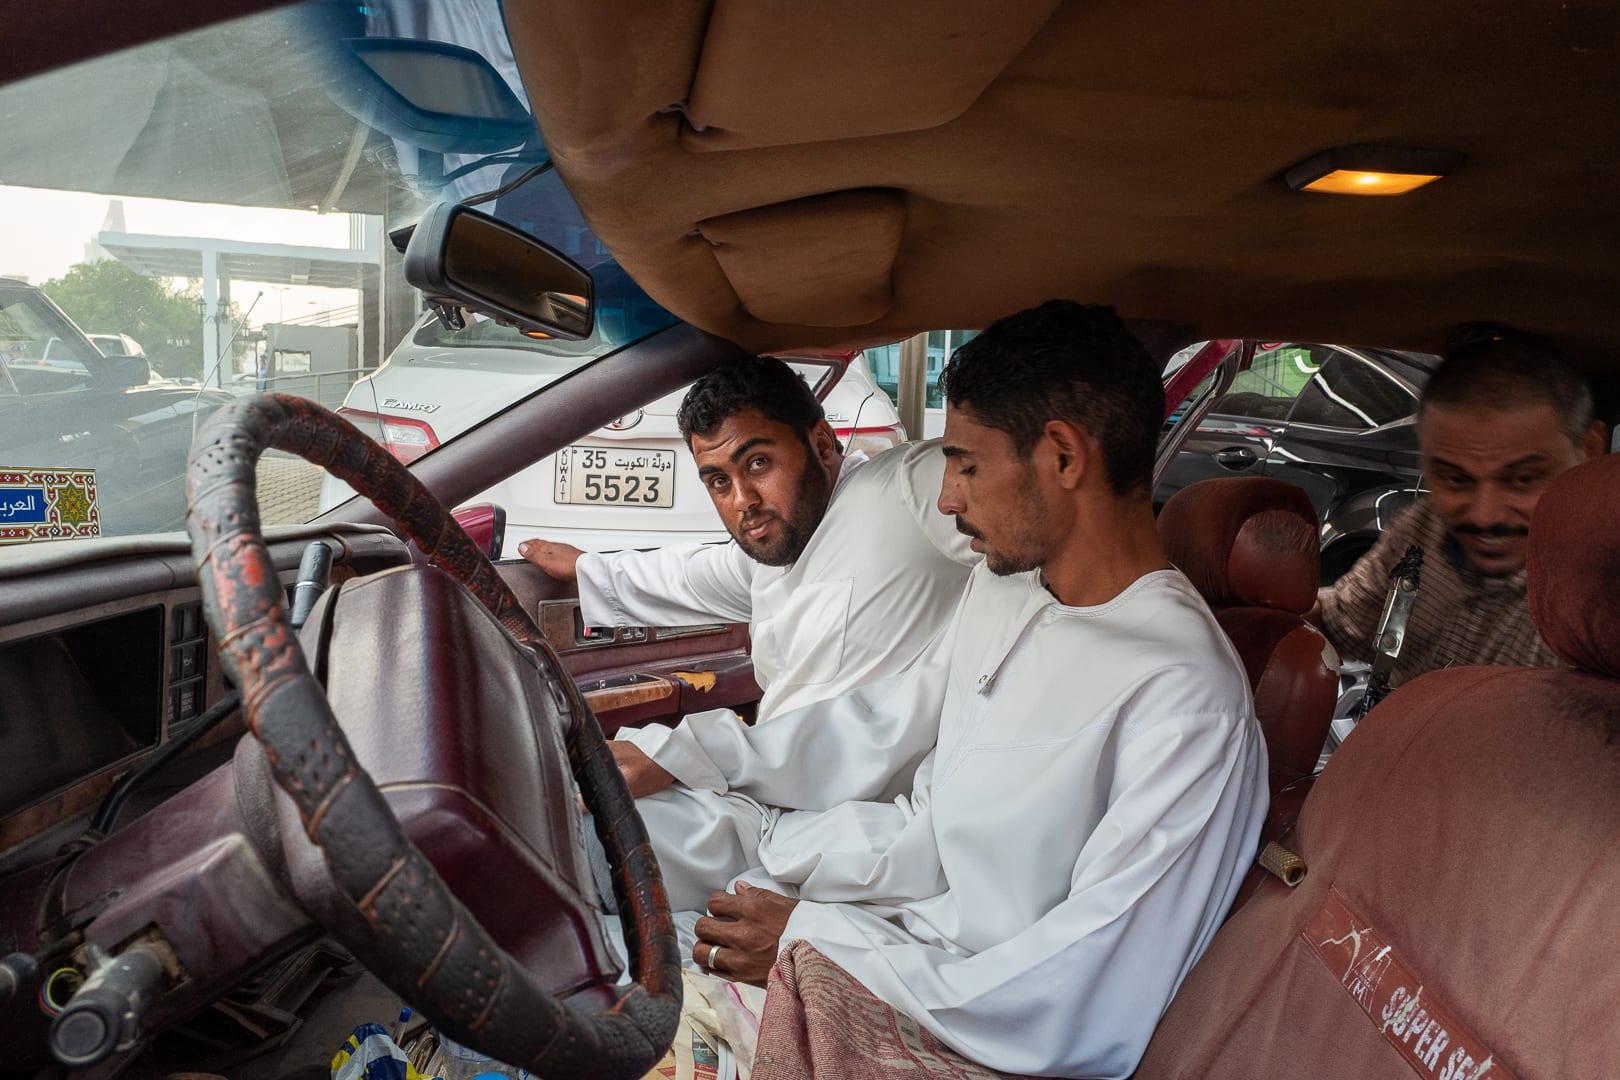 ما العنصر البرتقالي والأيقوني للكويت الذي قد لا تراه أجيال المستقبل؟